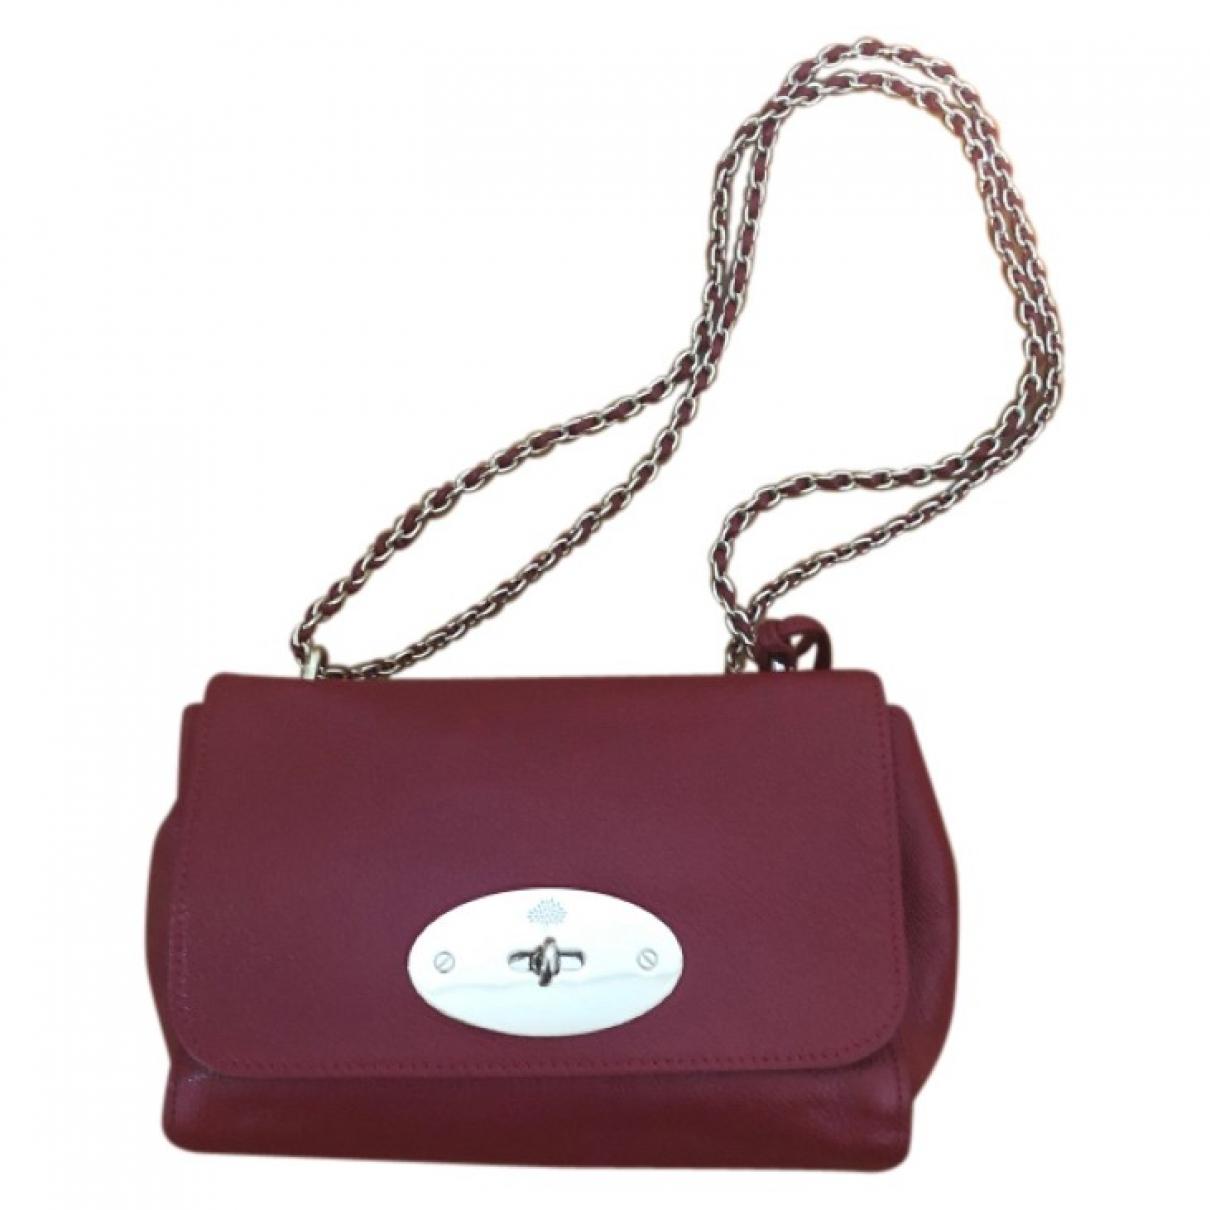 Mulberry - Sac a main Lily pour femme en cuir - rouge